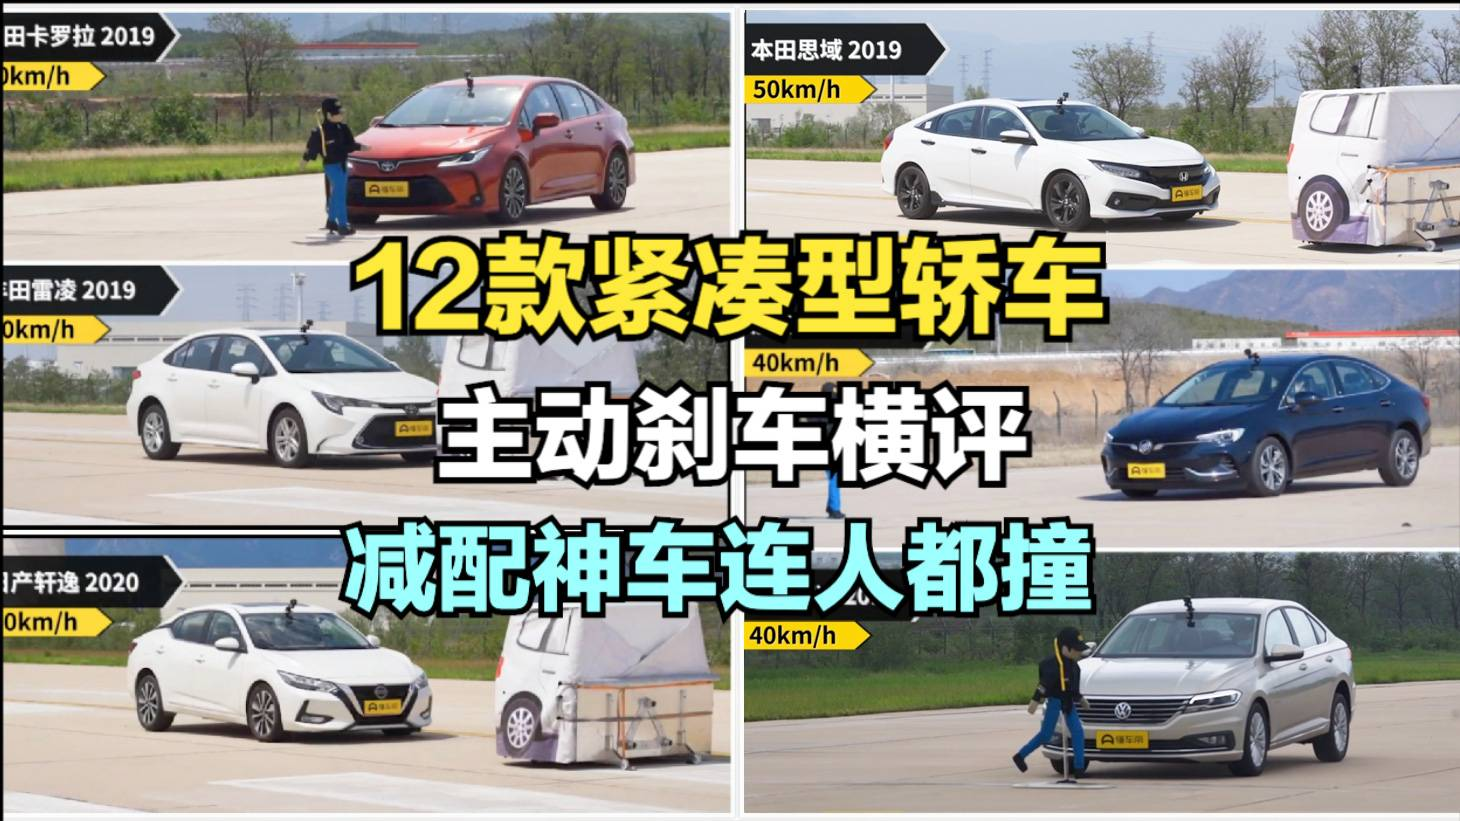 12款紧凑型轿车主动刹车横评,本田思域秒天秒地连人都秒